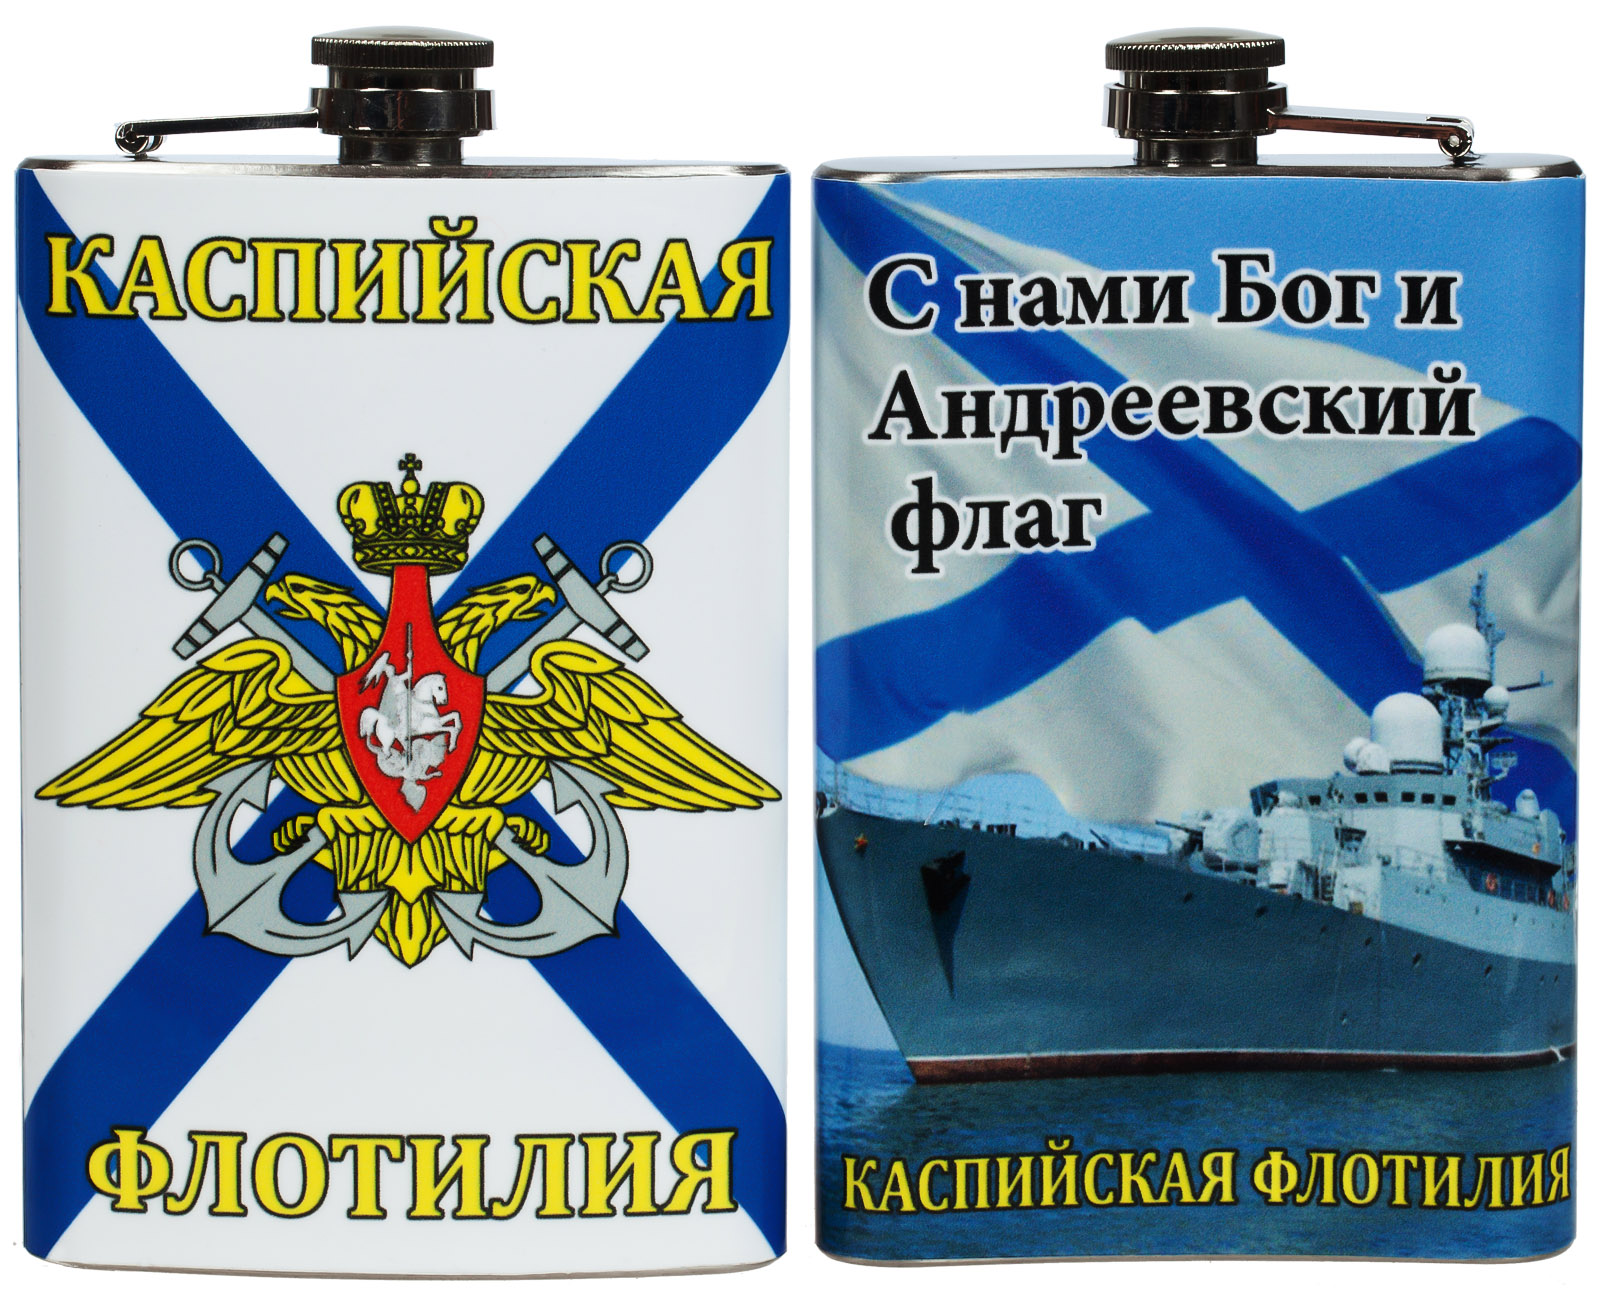 Фляжка «Каспийская флотилия» - купить в подарок моряку